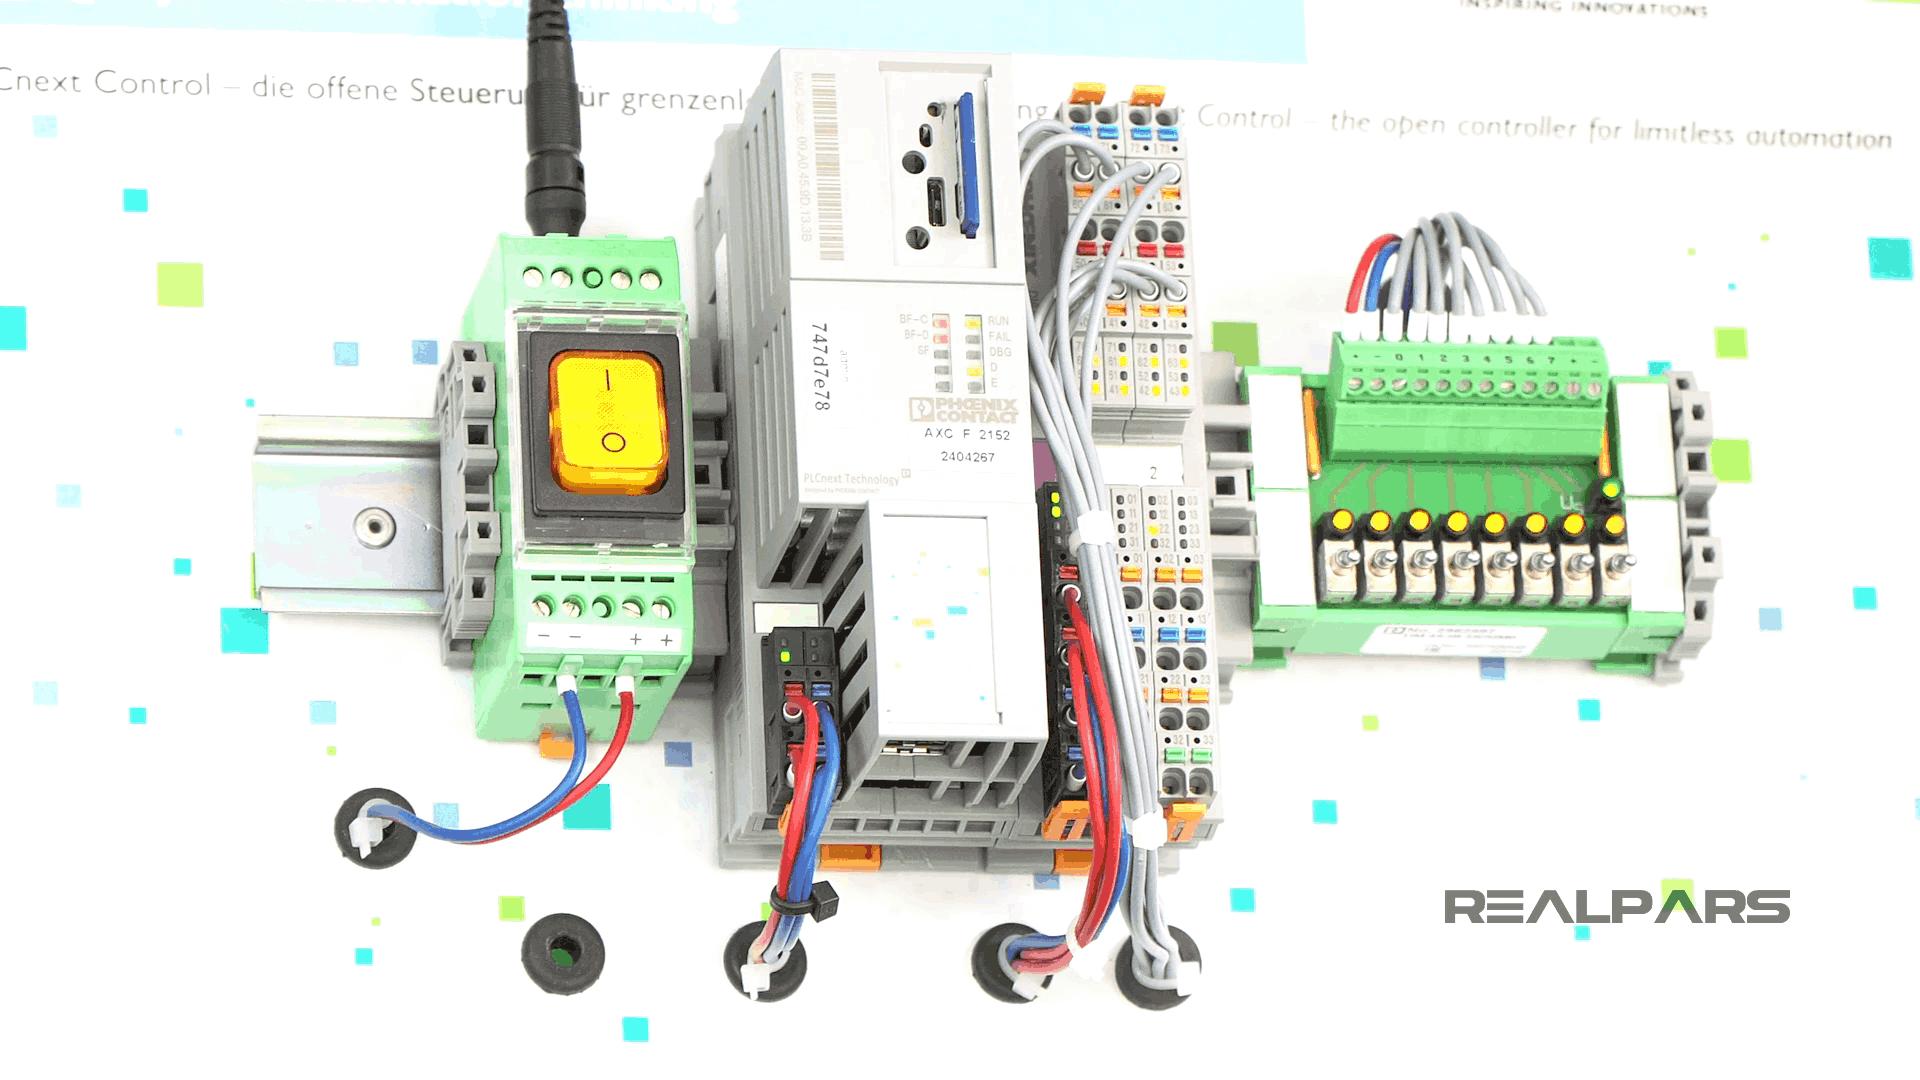 کنترل کننده PLCnext